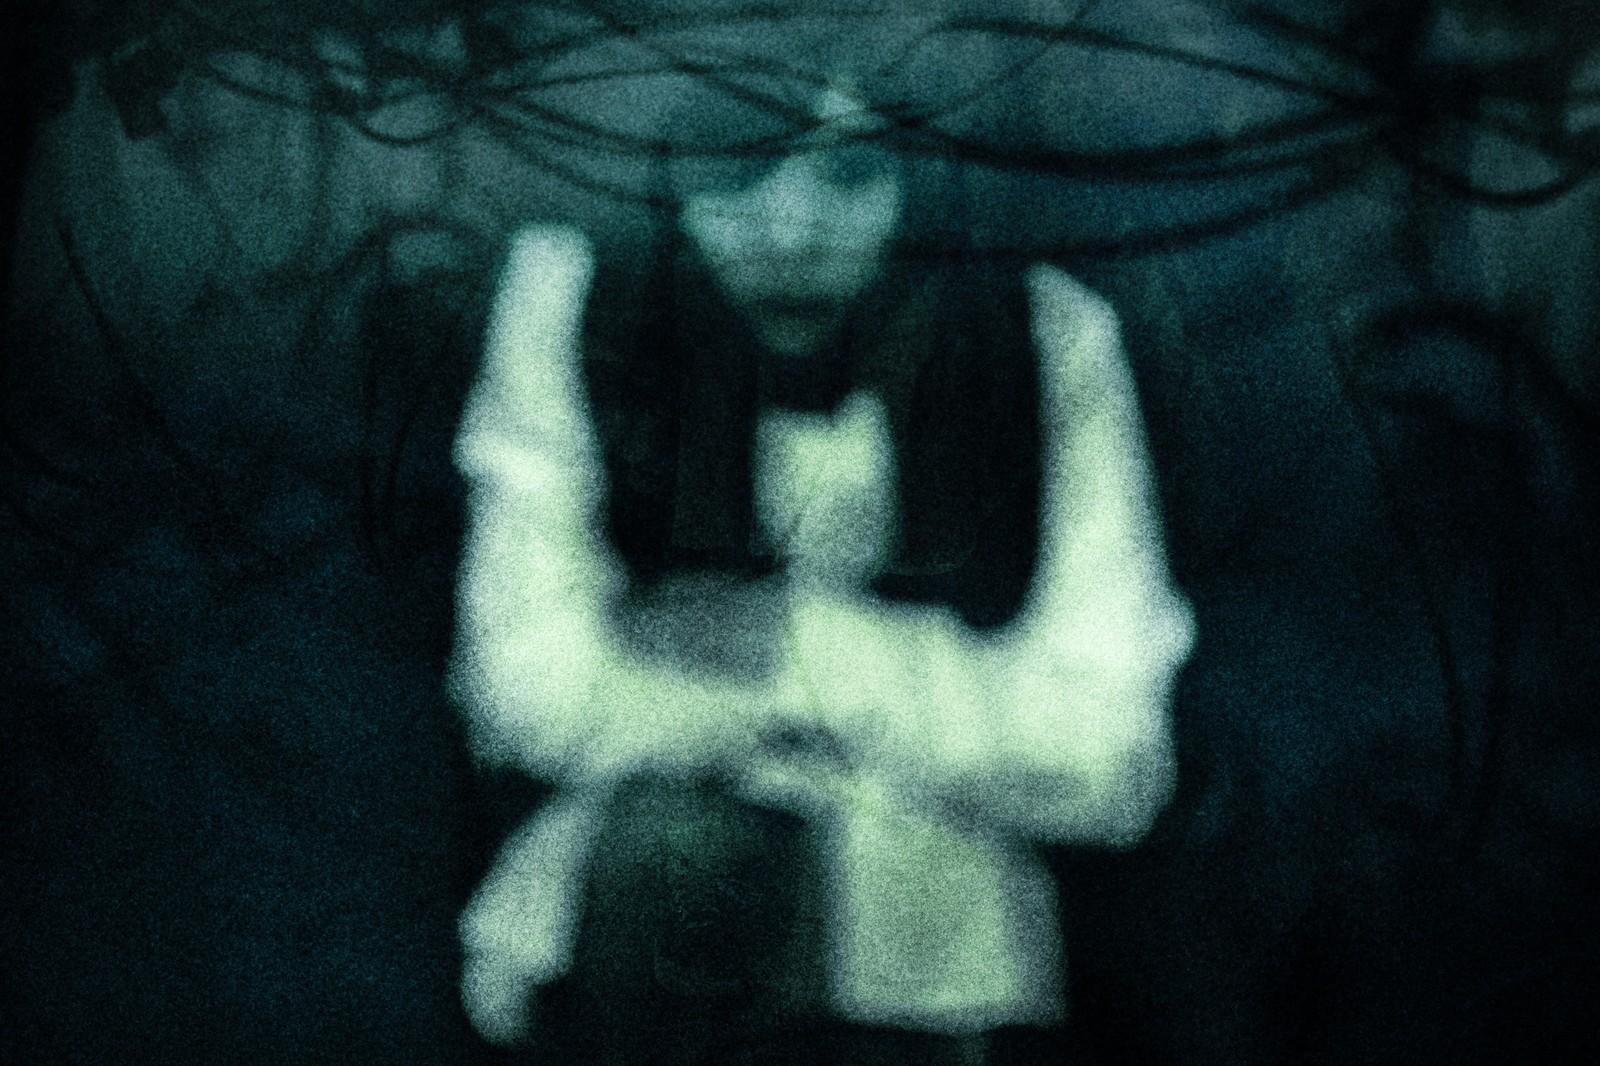 ▲▼女鬼抱著斷頭的孩子,眼神充滿怨恨和詛咒(示意圖/取自Pakutaso)